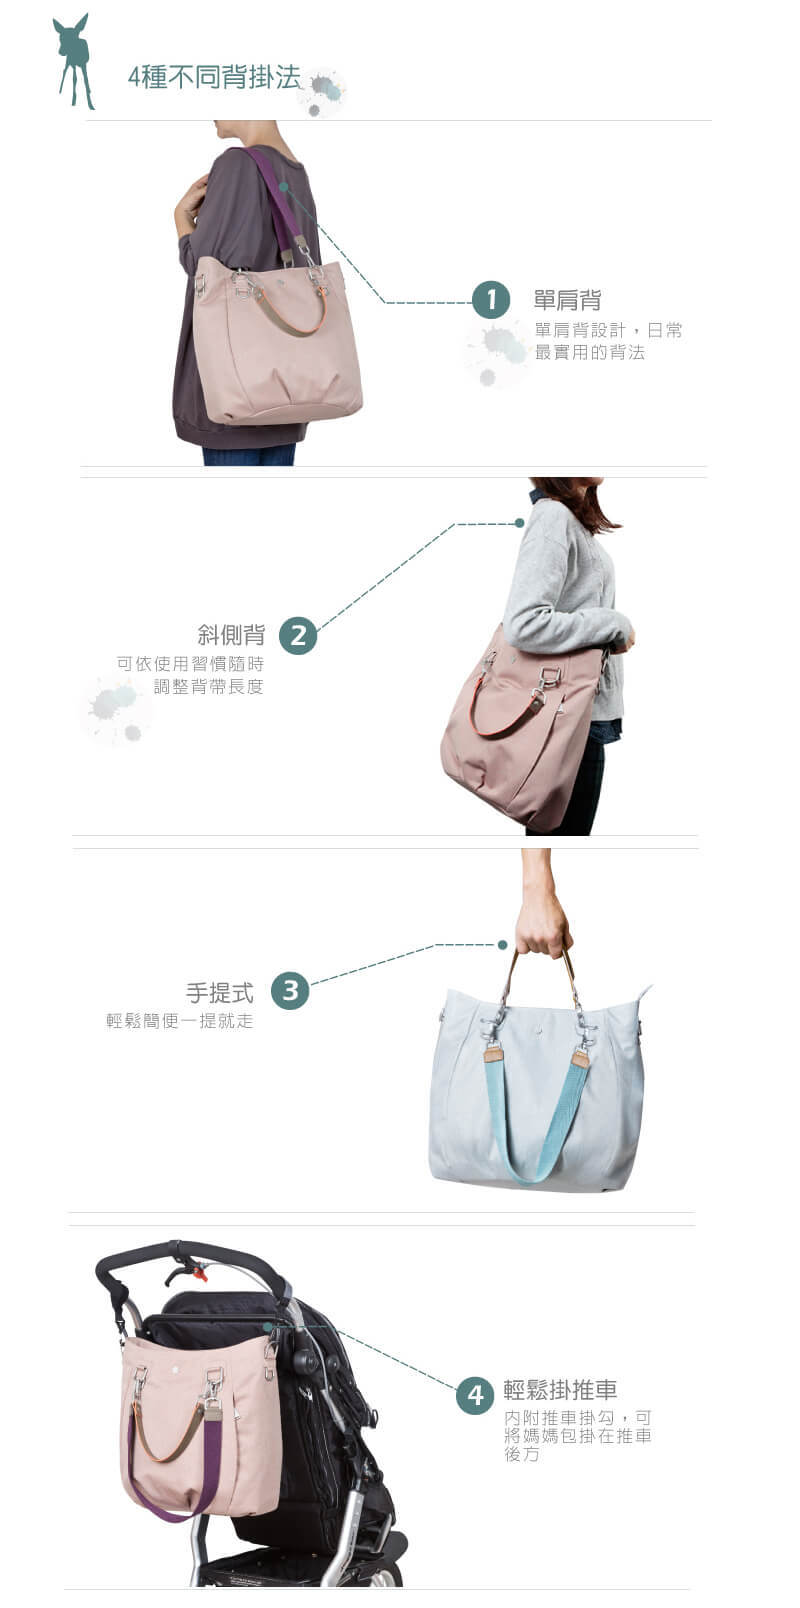 德國媽媽包No.1品牌,LASSIG讓媽媽包不只是媽媽包,兼具時尚與功能性,手提斜背肩背多種背法,大開口大容量多隔層,使用環保防潑水材質,外出育兒神隊友,網紅媽咪推薦